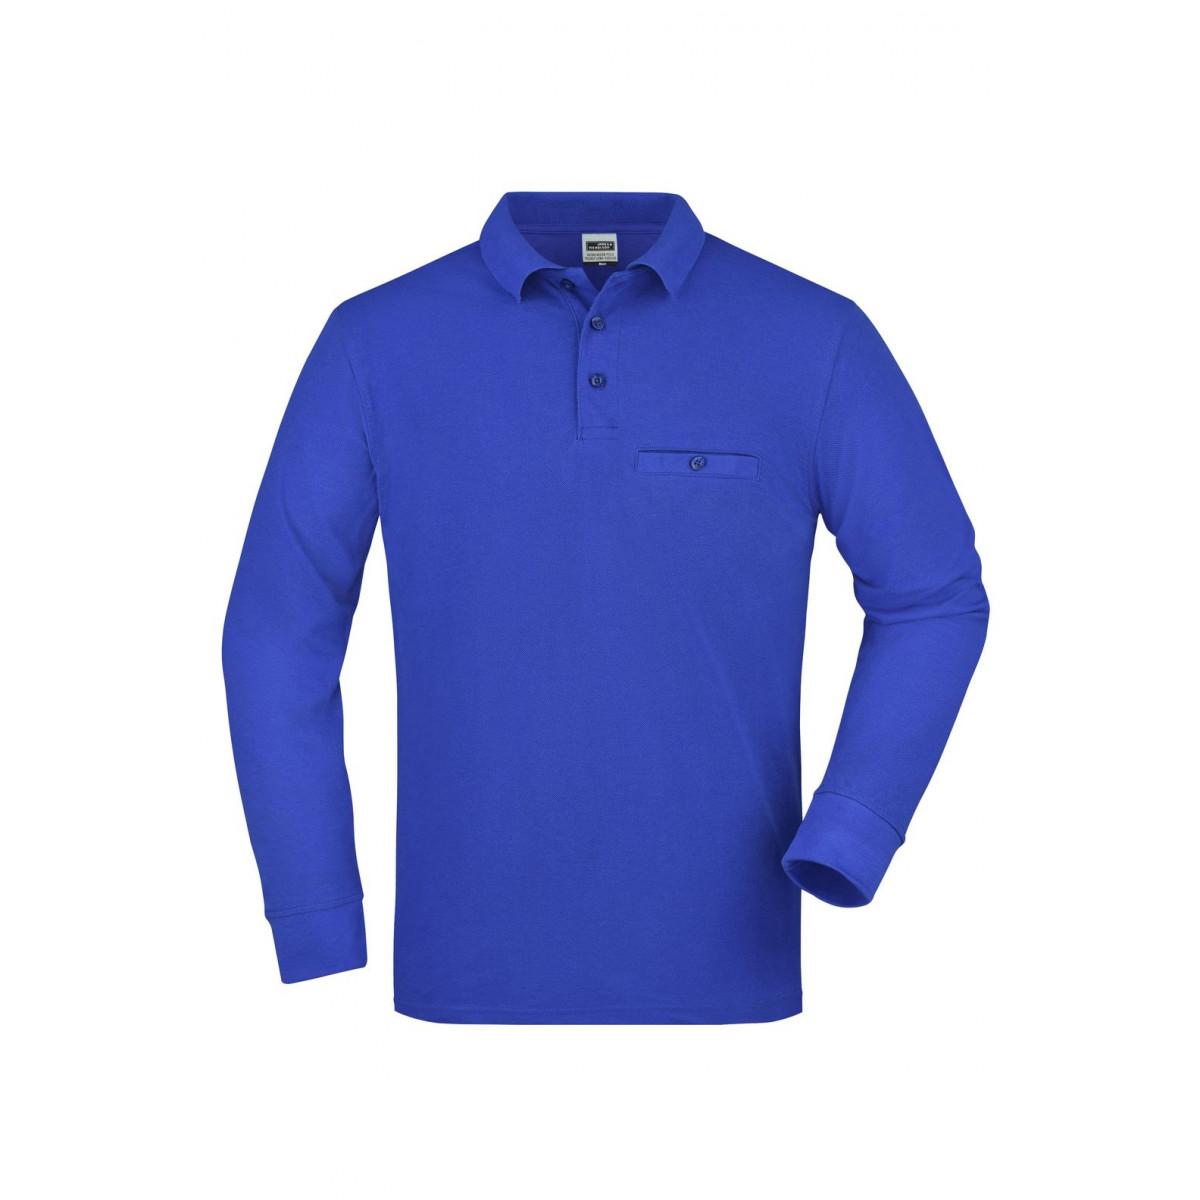 Рубашка поло мужская JN866 Mens Workwear Polo Pocket Longsleeve - Ярко-синий